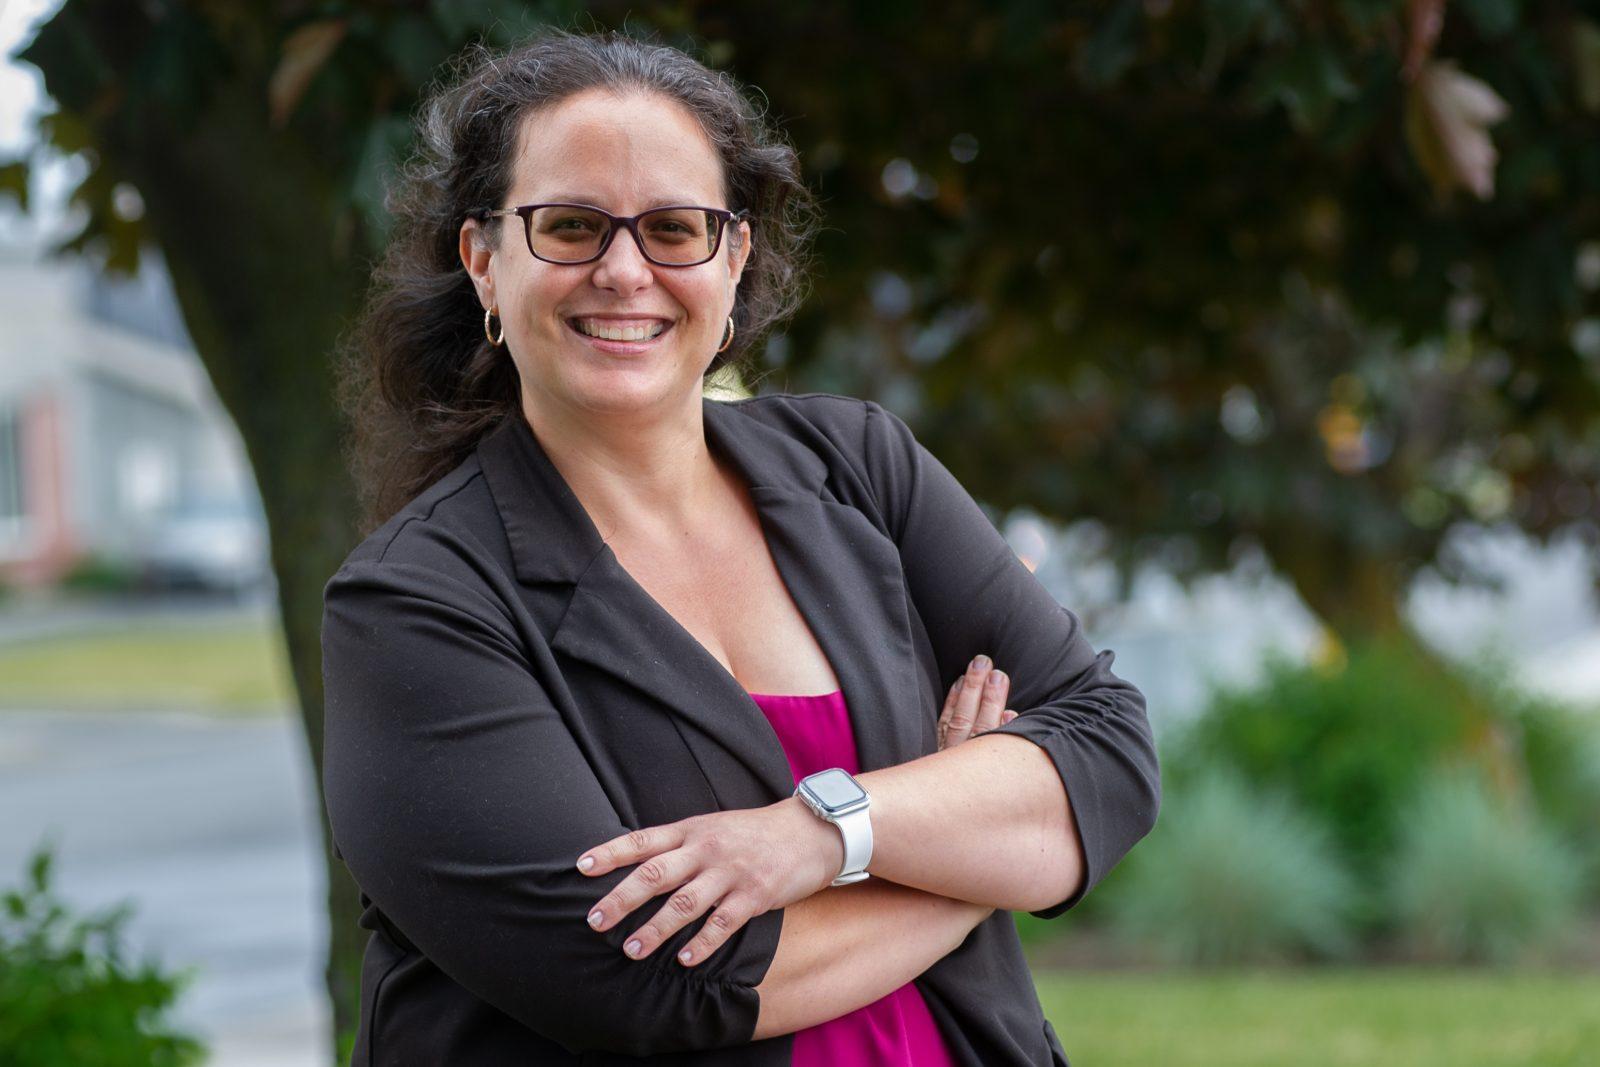 Stéphanie Lacoste veut amener un leadership «bienveillant et rassembleur»